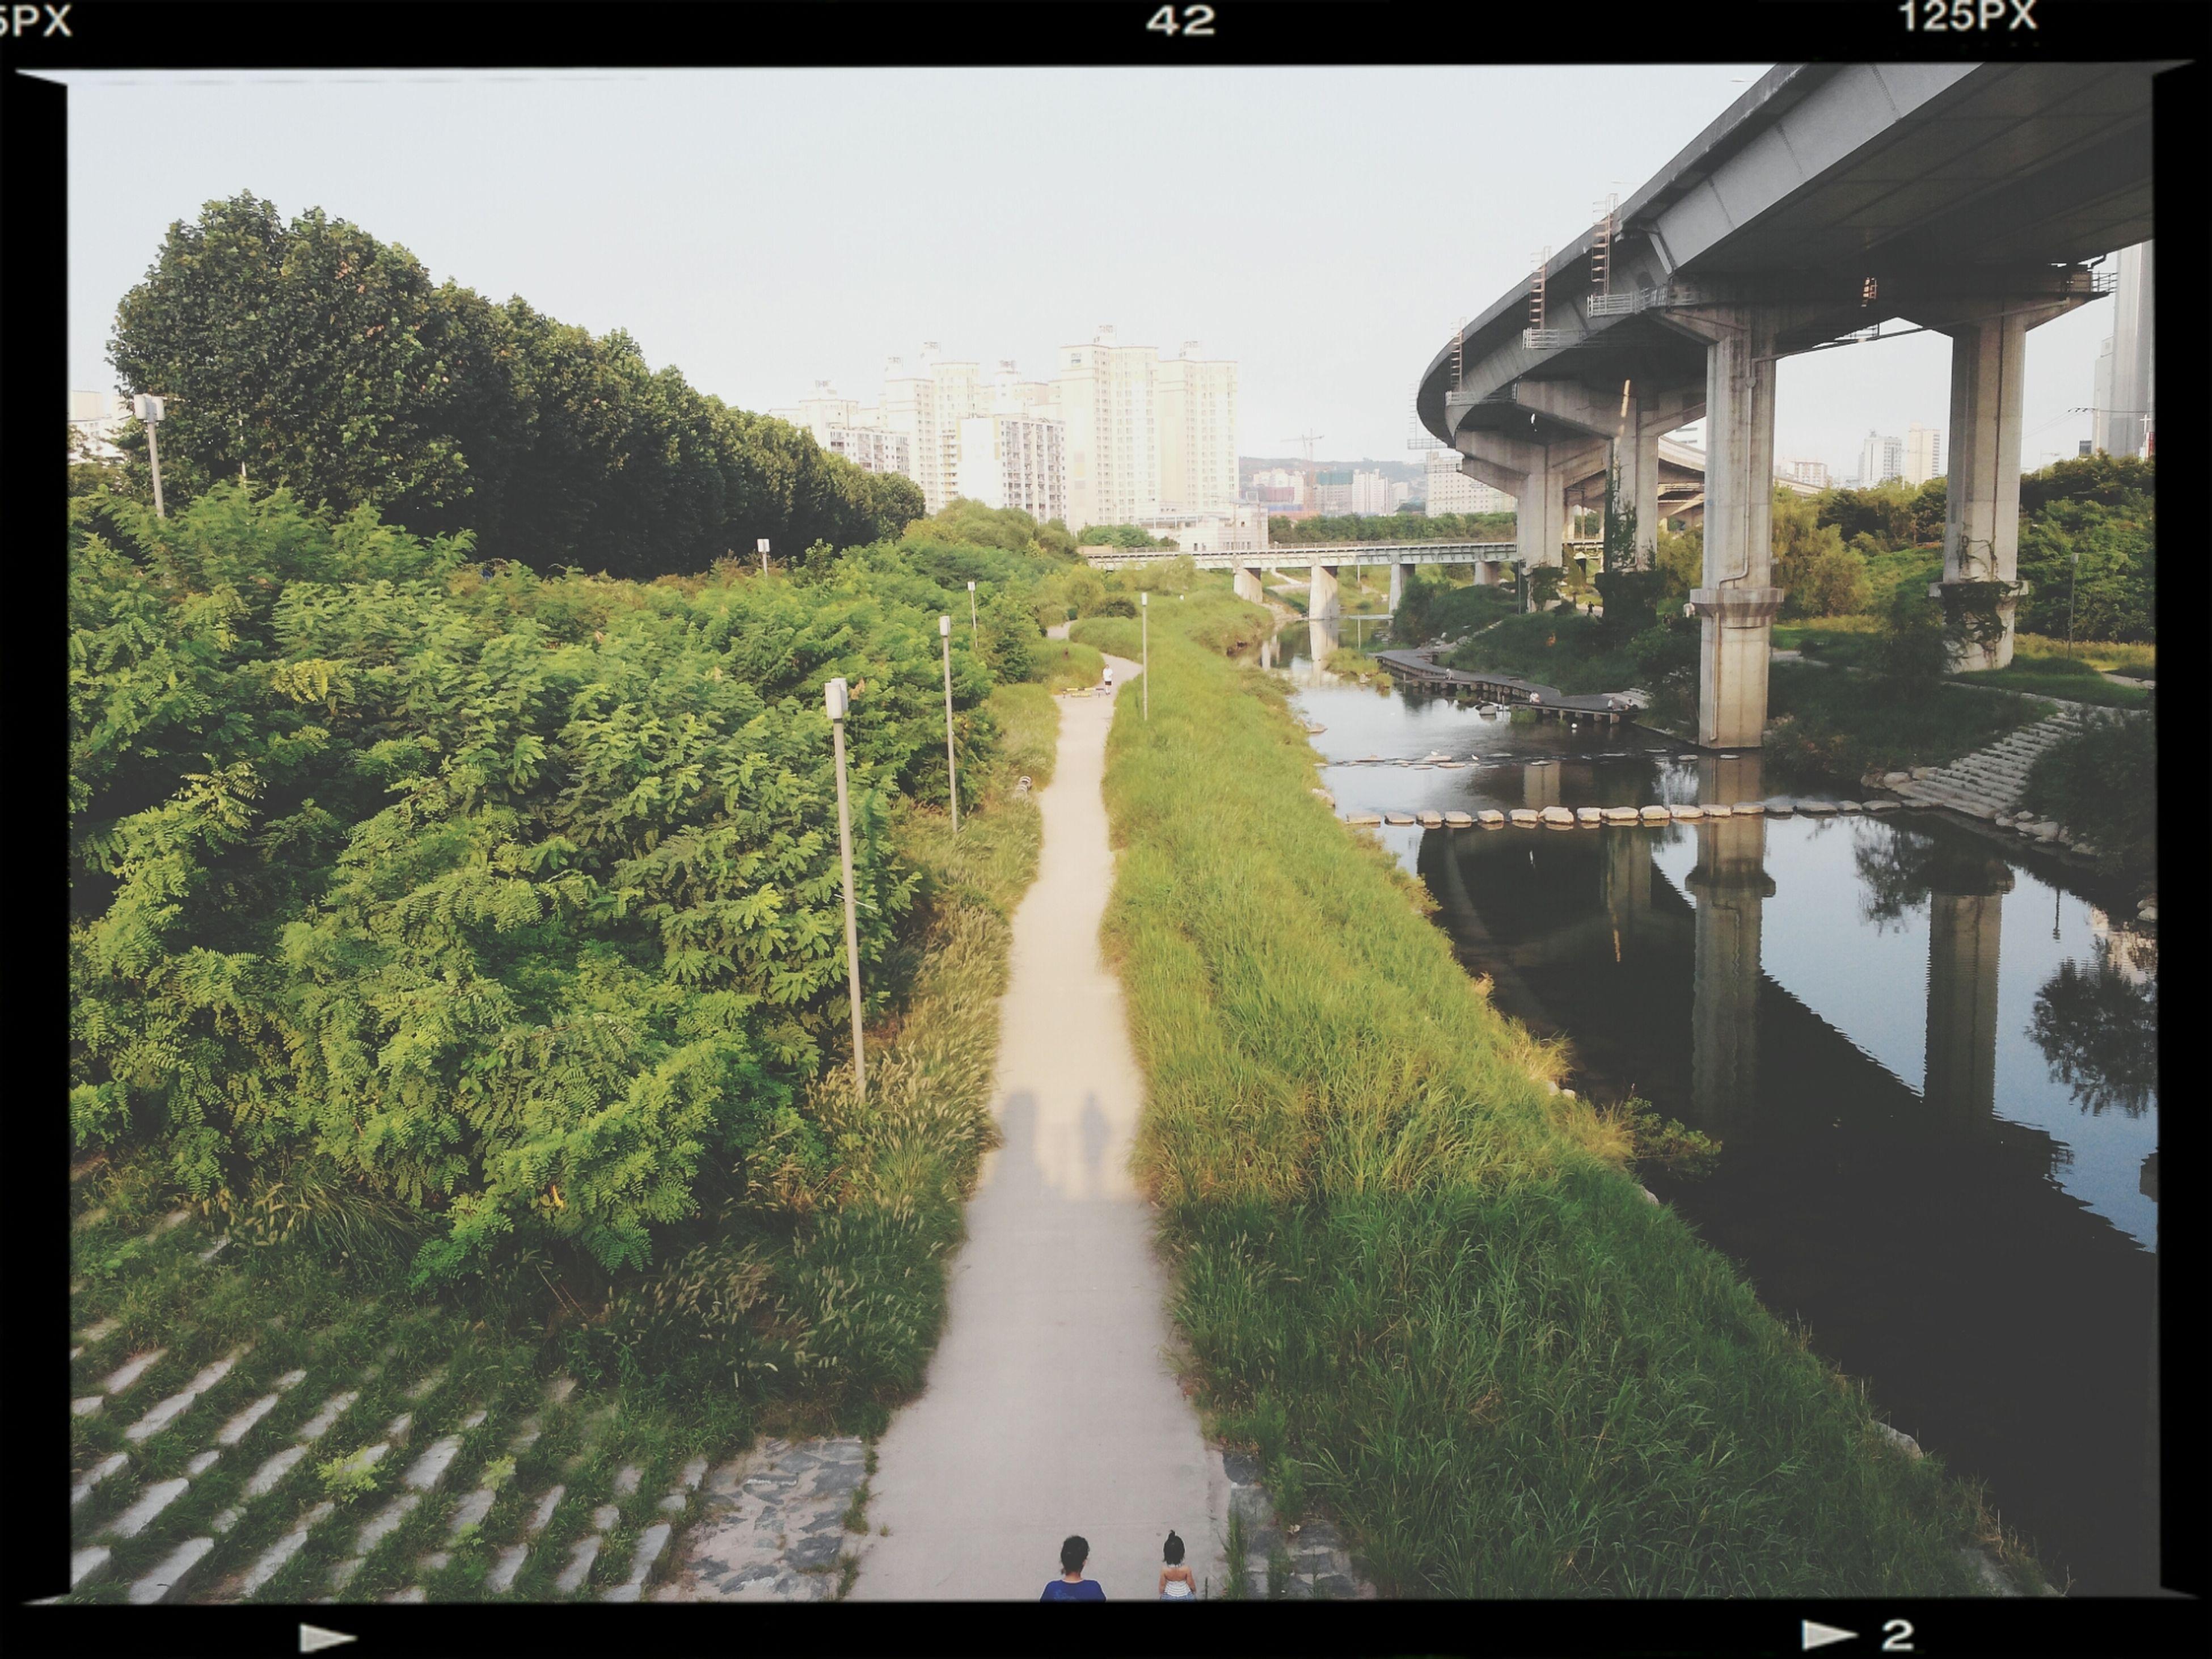 왕십리에서 집가는길에 있는 이름모를 한강까지 이어지는 강..^^